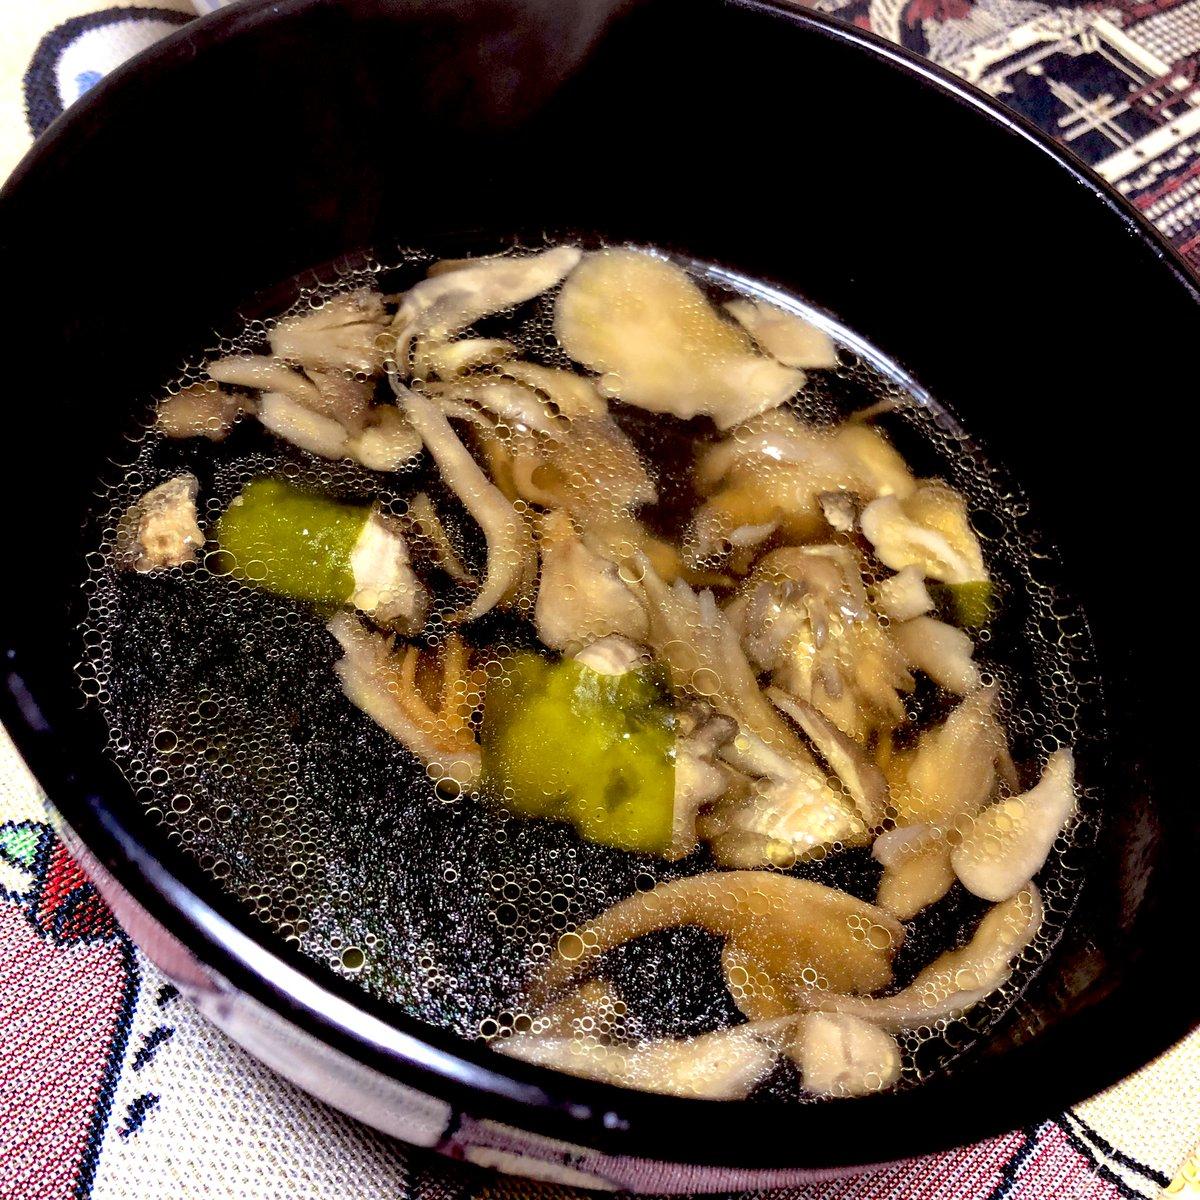 わかめと舞茸の中華スープ🍄🥺🍄( #cookpad)#ぱぱぴえん #RT拡散希望 #お腹ペコリン部 #Twitter家庭料理部 #料理好きな人と繋がりたい #料理下手くそ選手権 #料理初心者 #自炊 #料理男子 #料理記録 #おうちごはん #おうちカフェ #うちで食べよう #cookpad #クックパッド